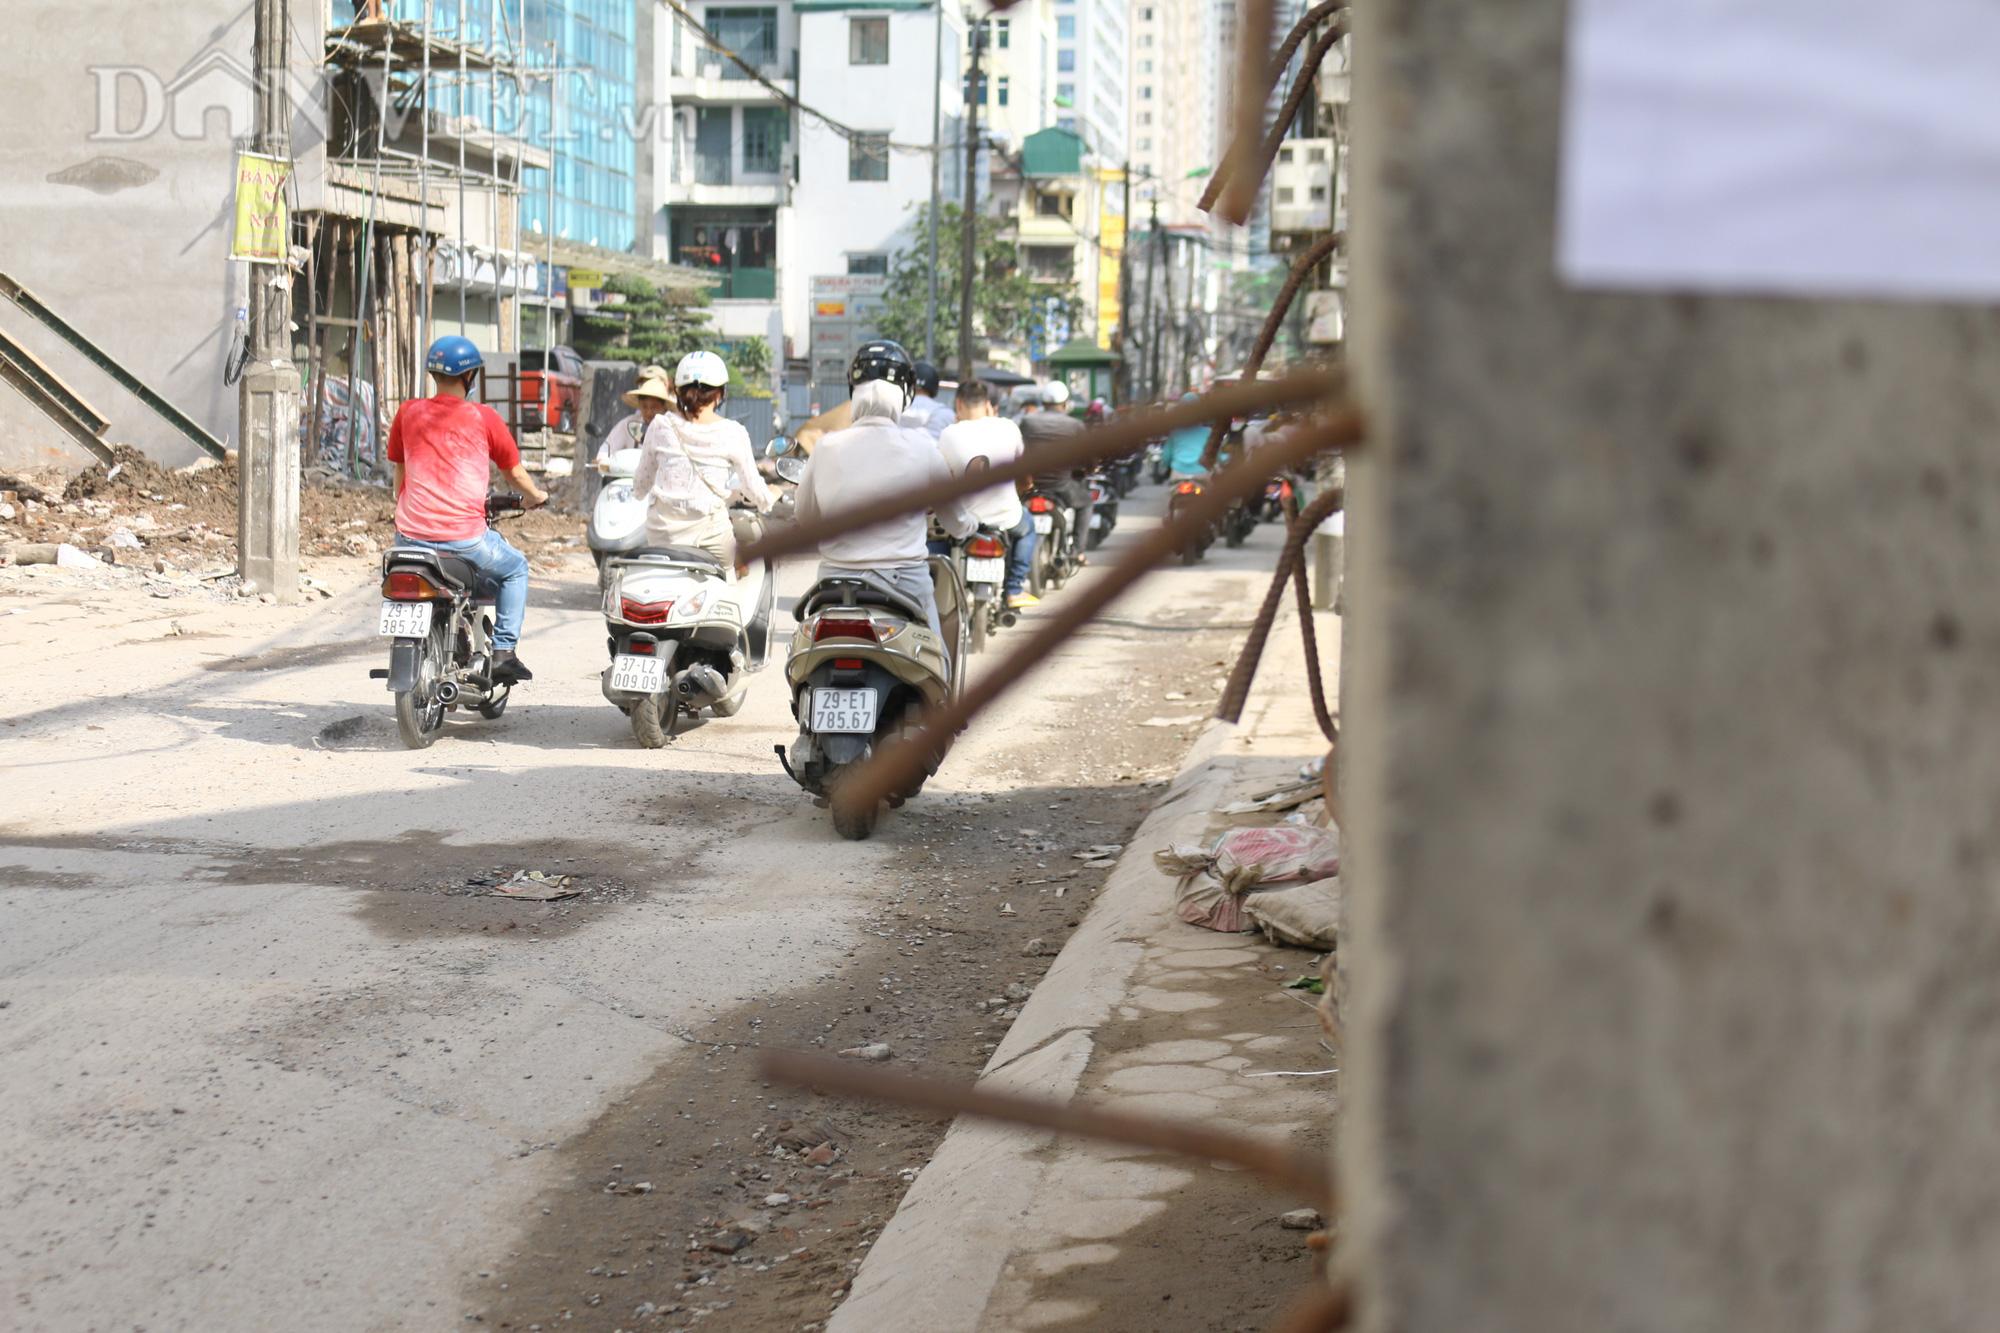 Do chưa được sử dụng nên có rất nhiều những mảng bê tông lớn với những thanh sắt, thép chìa ra ngoài đường đang đe doạn người dân khi lưu thông trên tuyến đường.